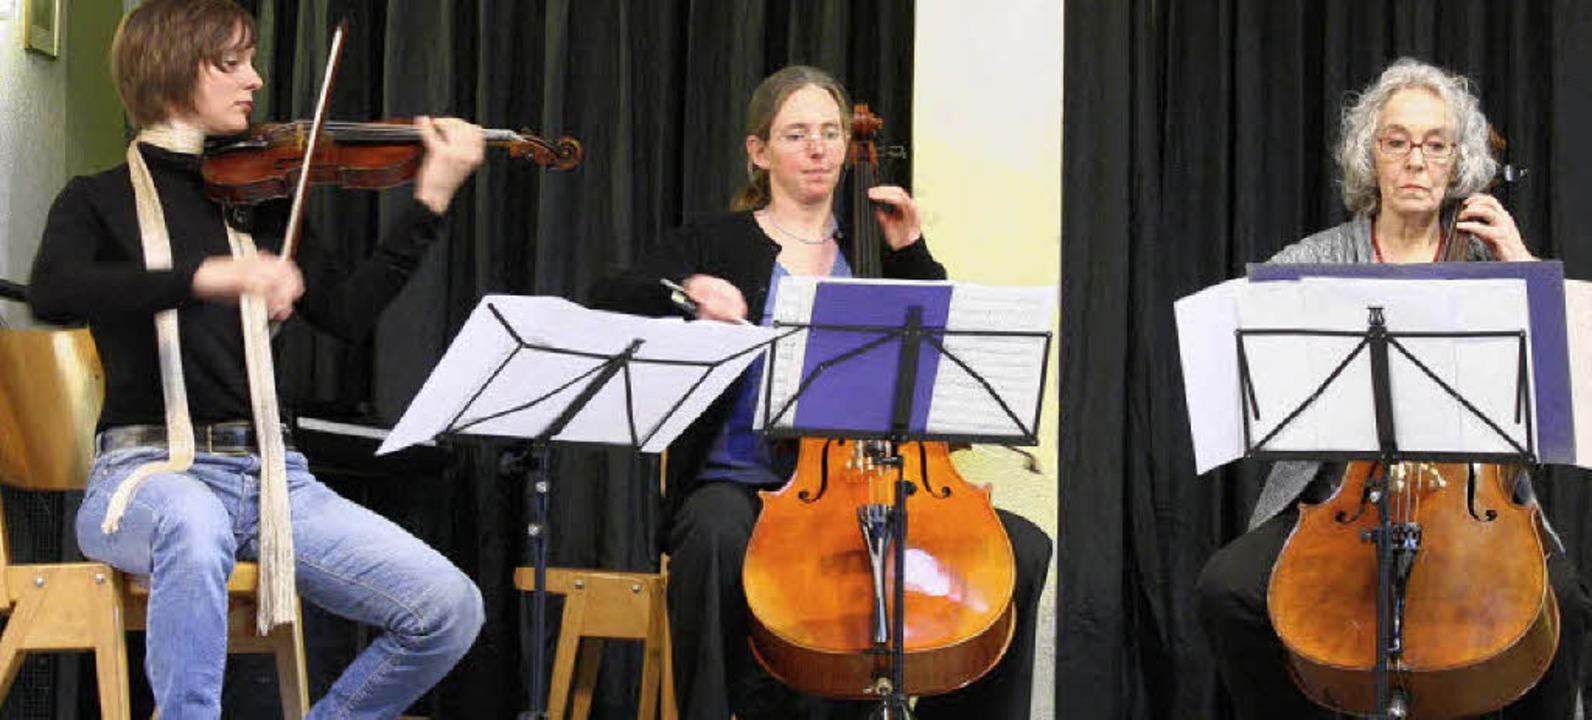 Christine Hof, Violine, und Destine Traute und Ruth Pollau, Cello  | Foto: Hans Jürgen Kugler